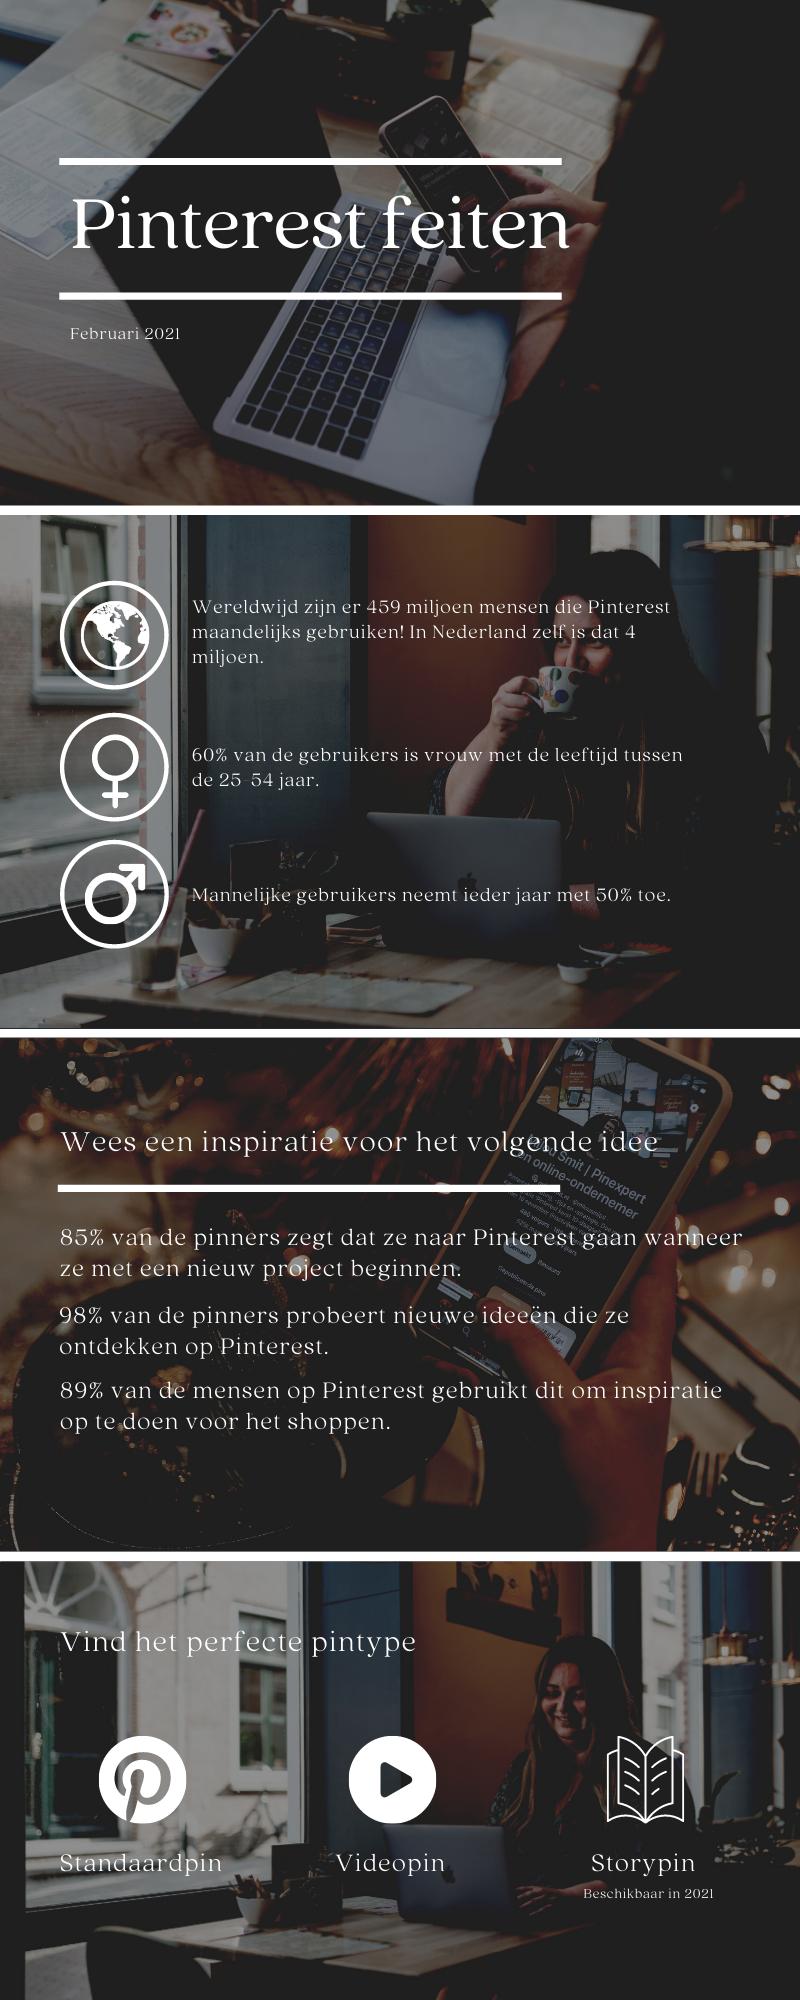 Hoeveel mensen gebruiken Pinterest? Hoeveel mensen gebruiken Pinterest in Nederland, en hoe zit dat wereldwijd? En welke doelgroep bereik je via Pinterest? Ik heb de Pinterest feiten op een rij gezet voor je. Pinterest voor beginners | pinterestmarketing | pinterest marketing | pinterest voor bedrijven | beginnen met pinterest marketing